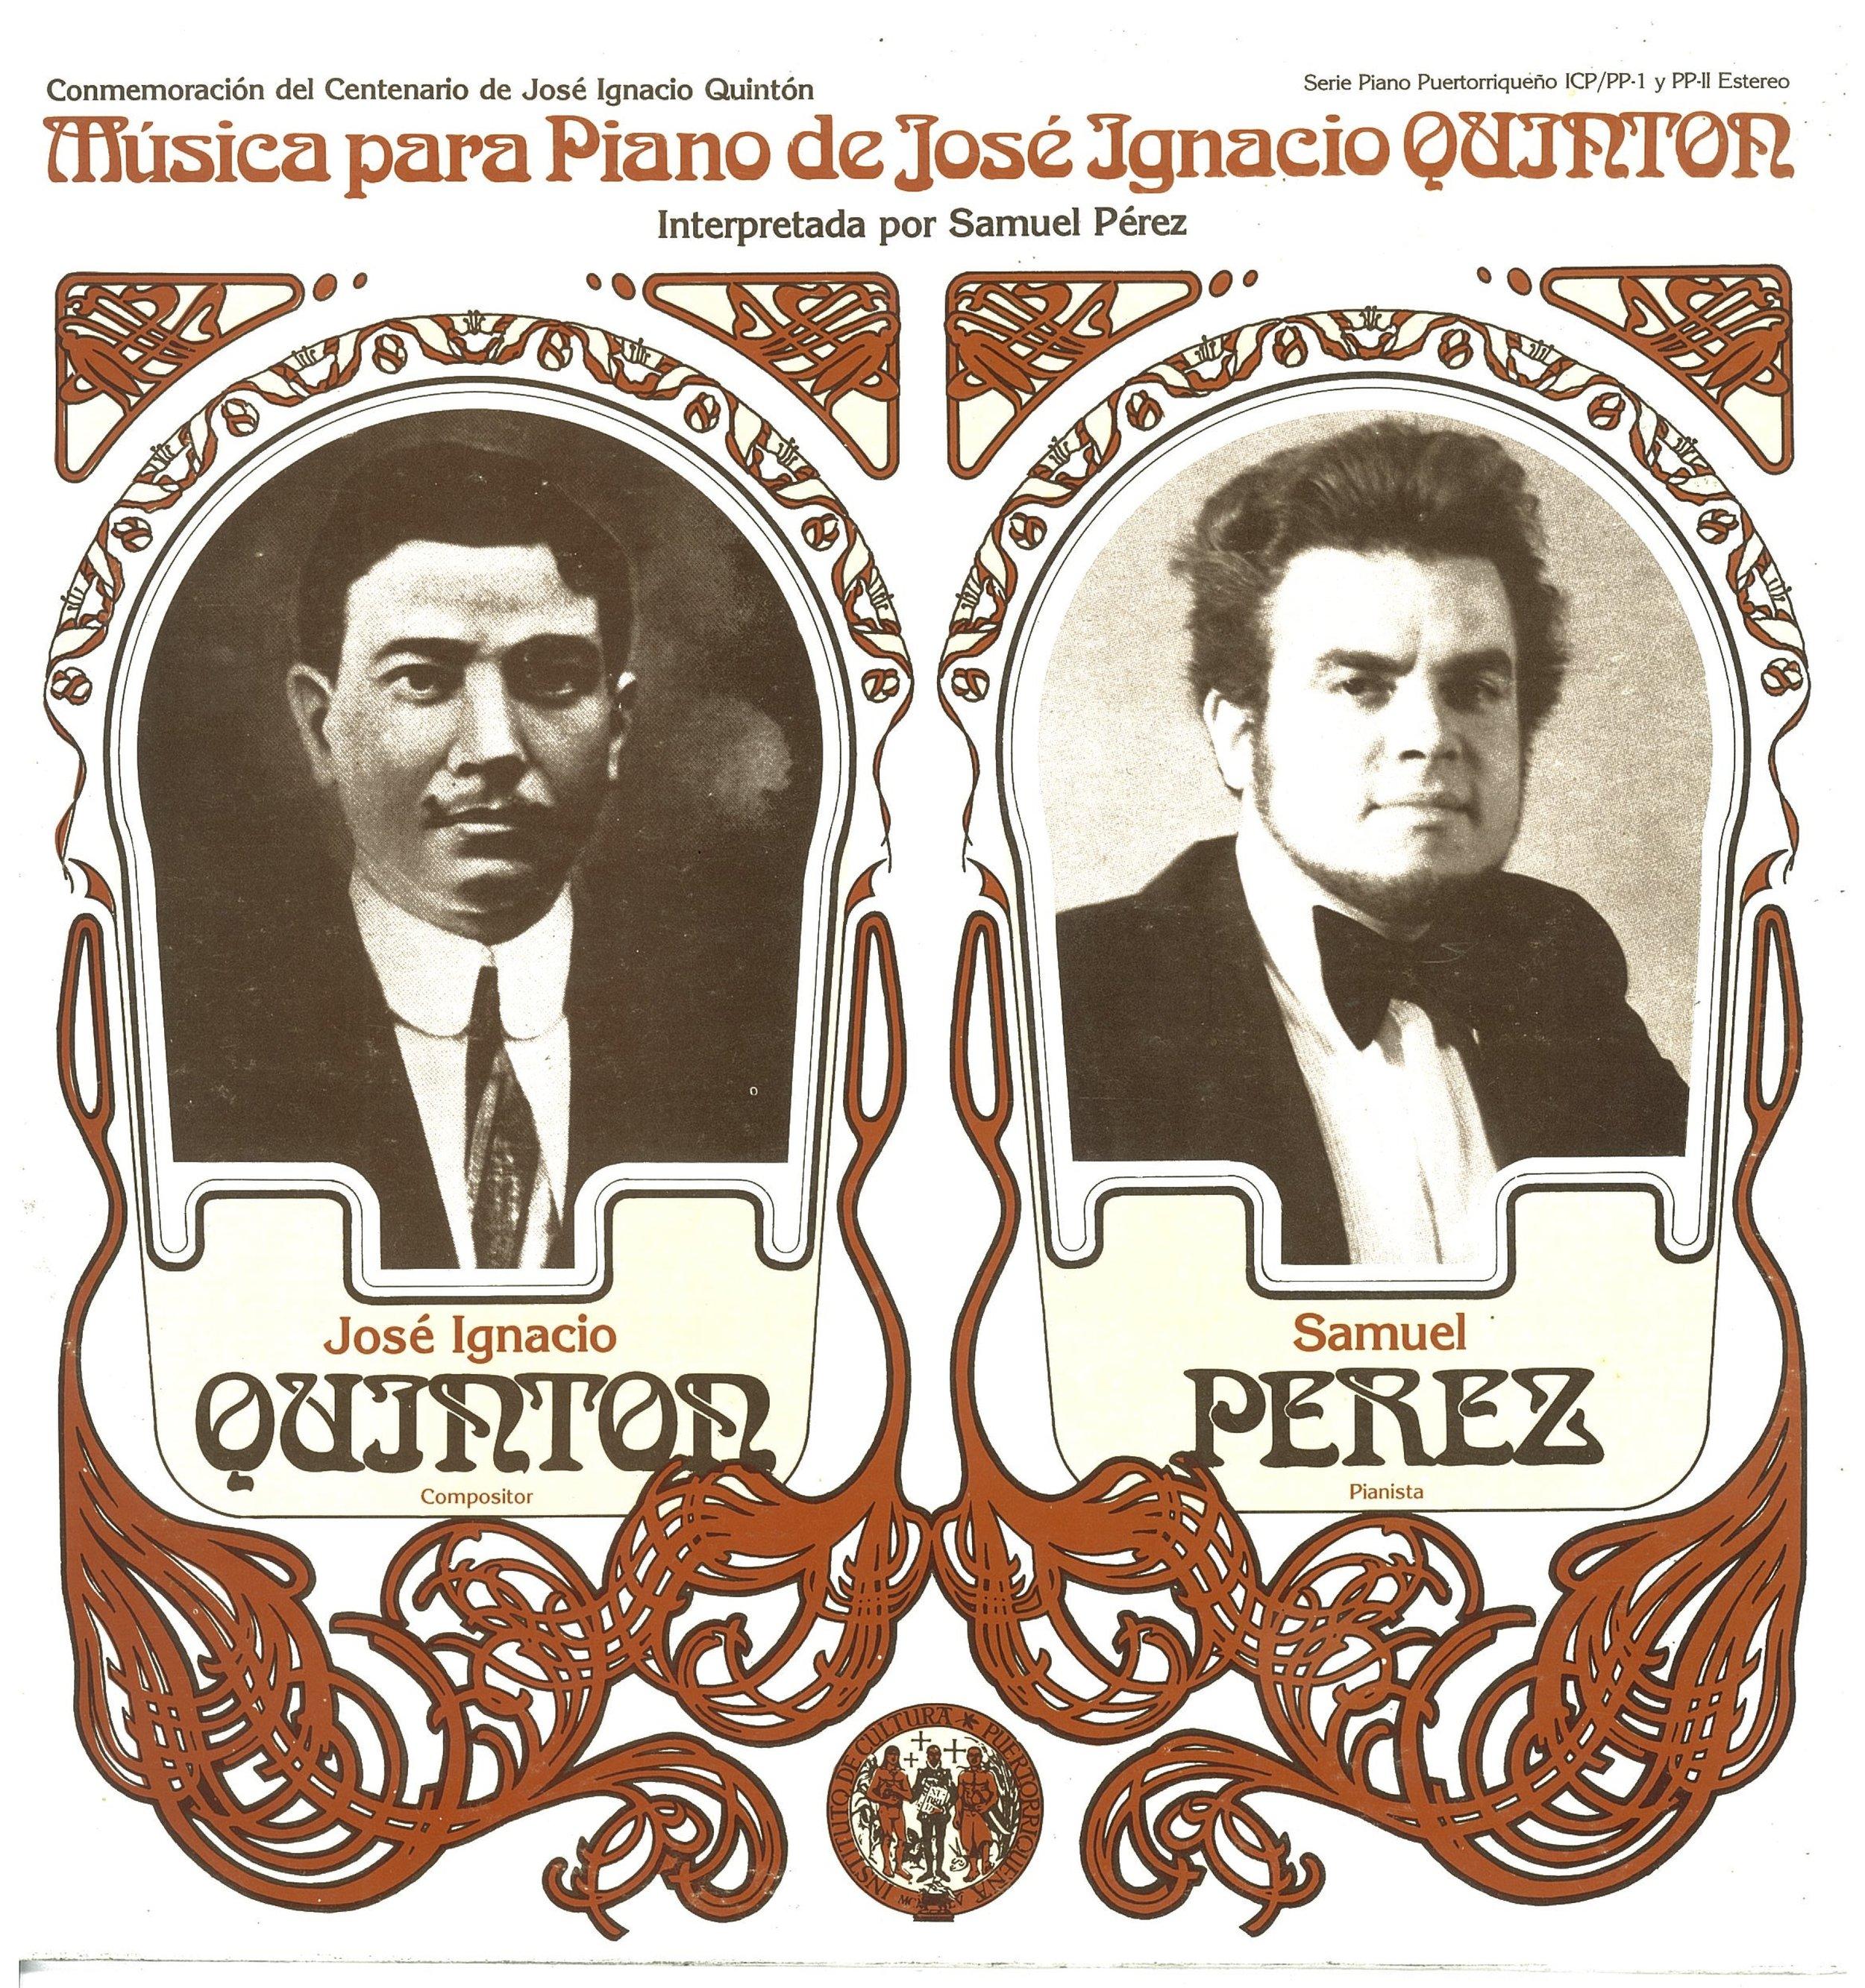 Música para Piano de José I. Quintón interpretada por Samuel Pérez